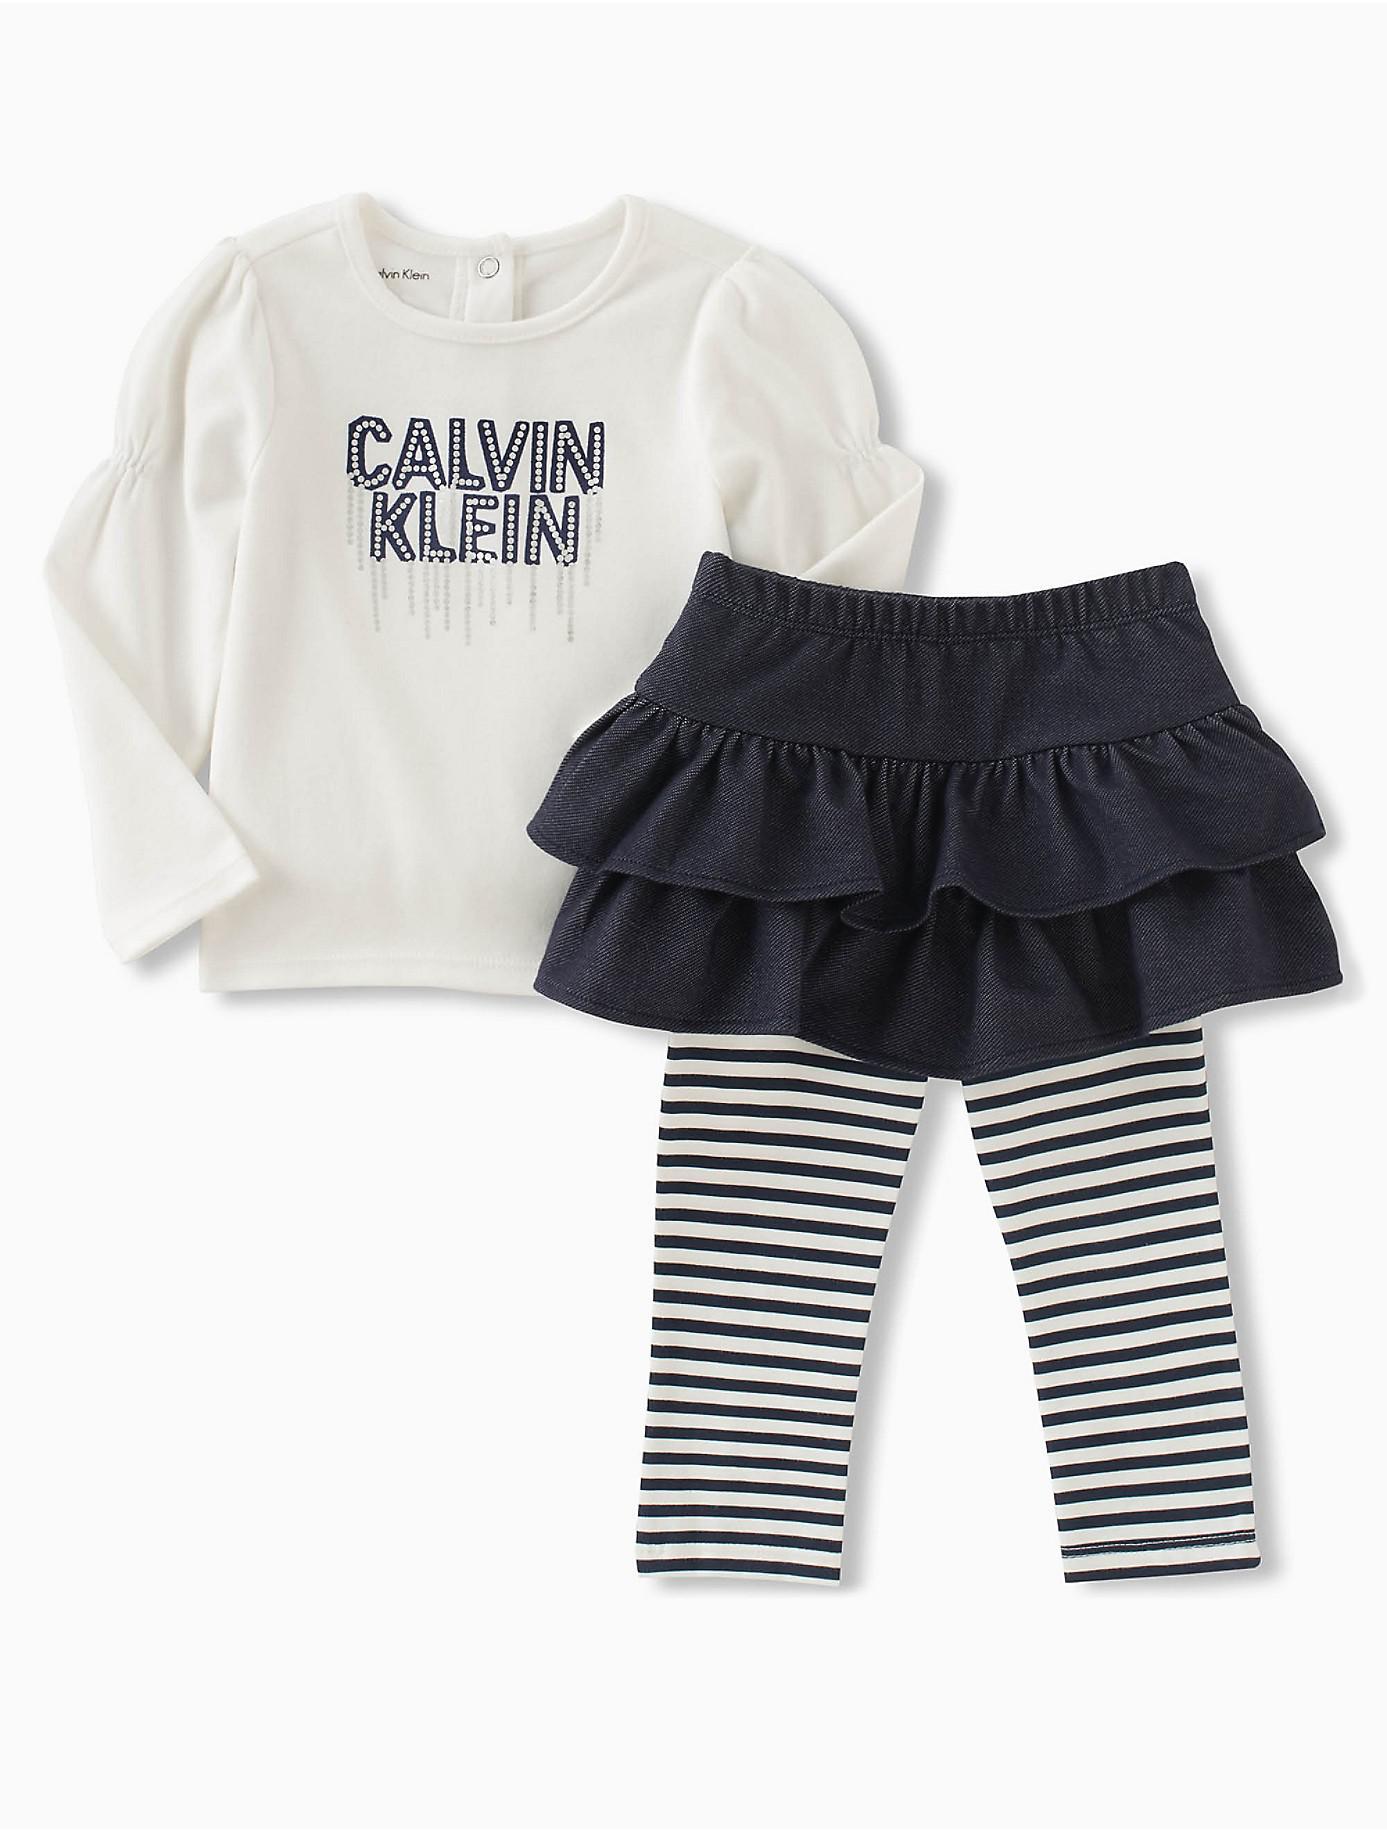 Lyst Calvin Klein Baby Girls Top Skirt Legging Set